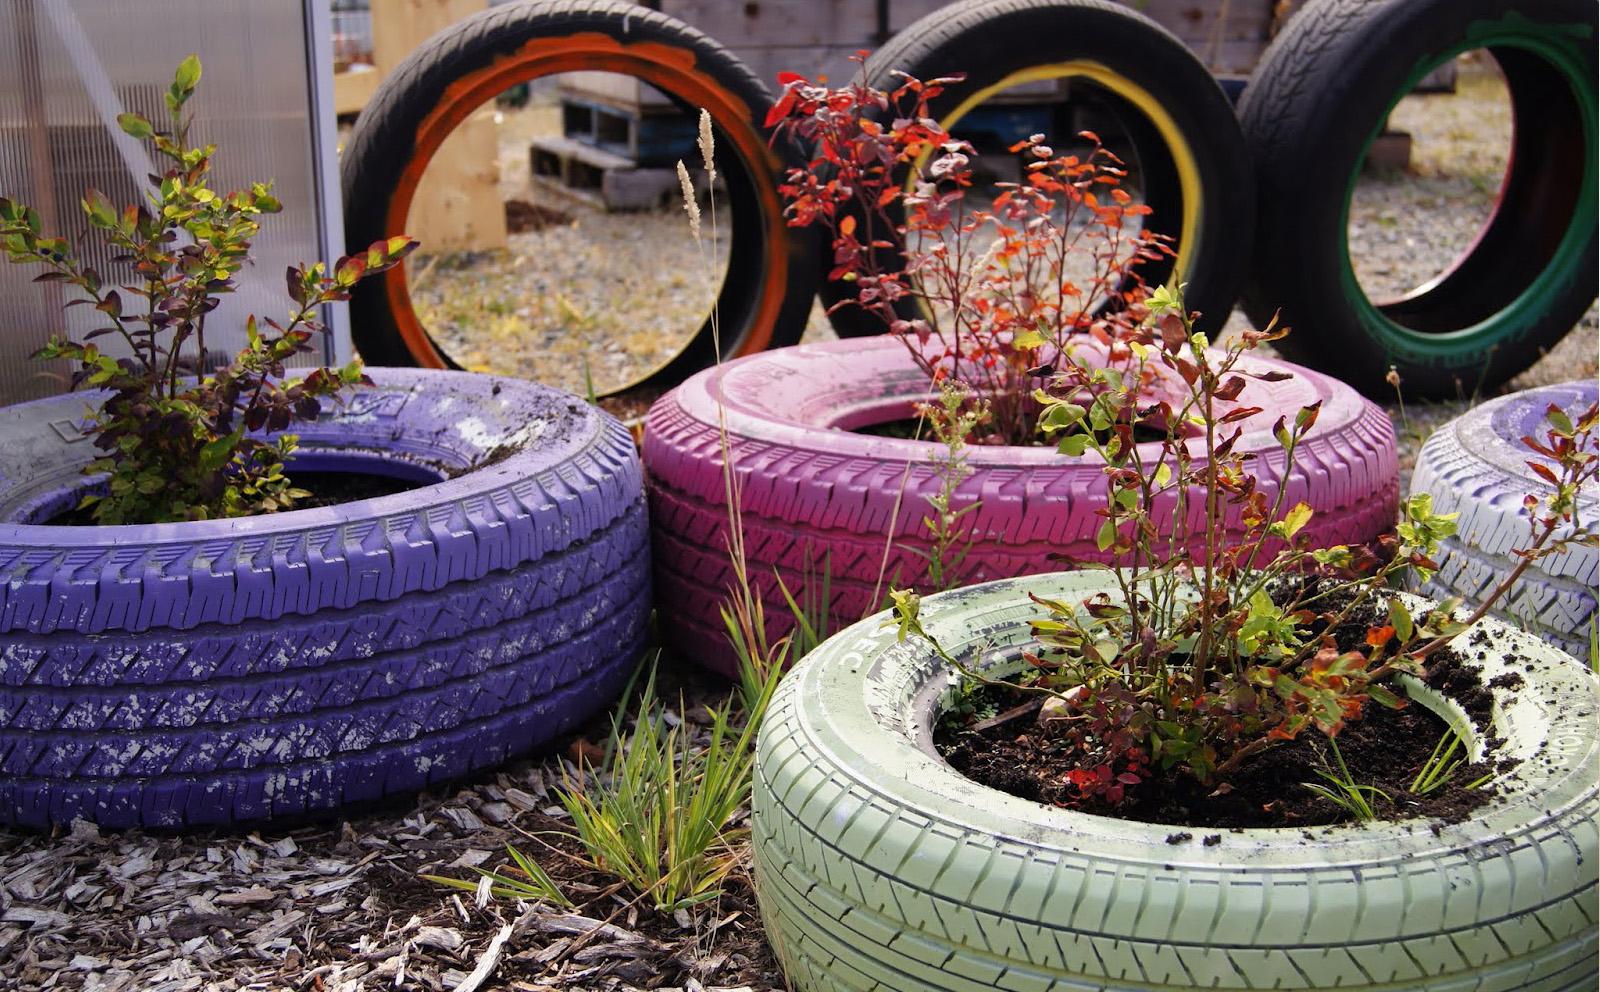 creatief met afval: Gerecycleerde meubels en woonaccessoires